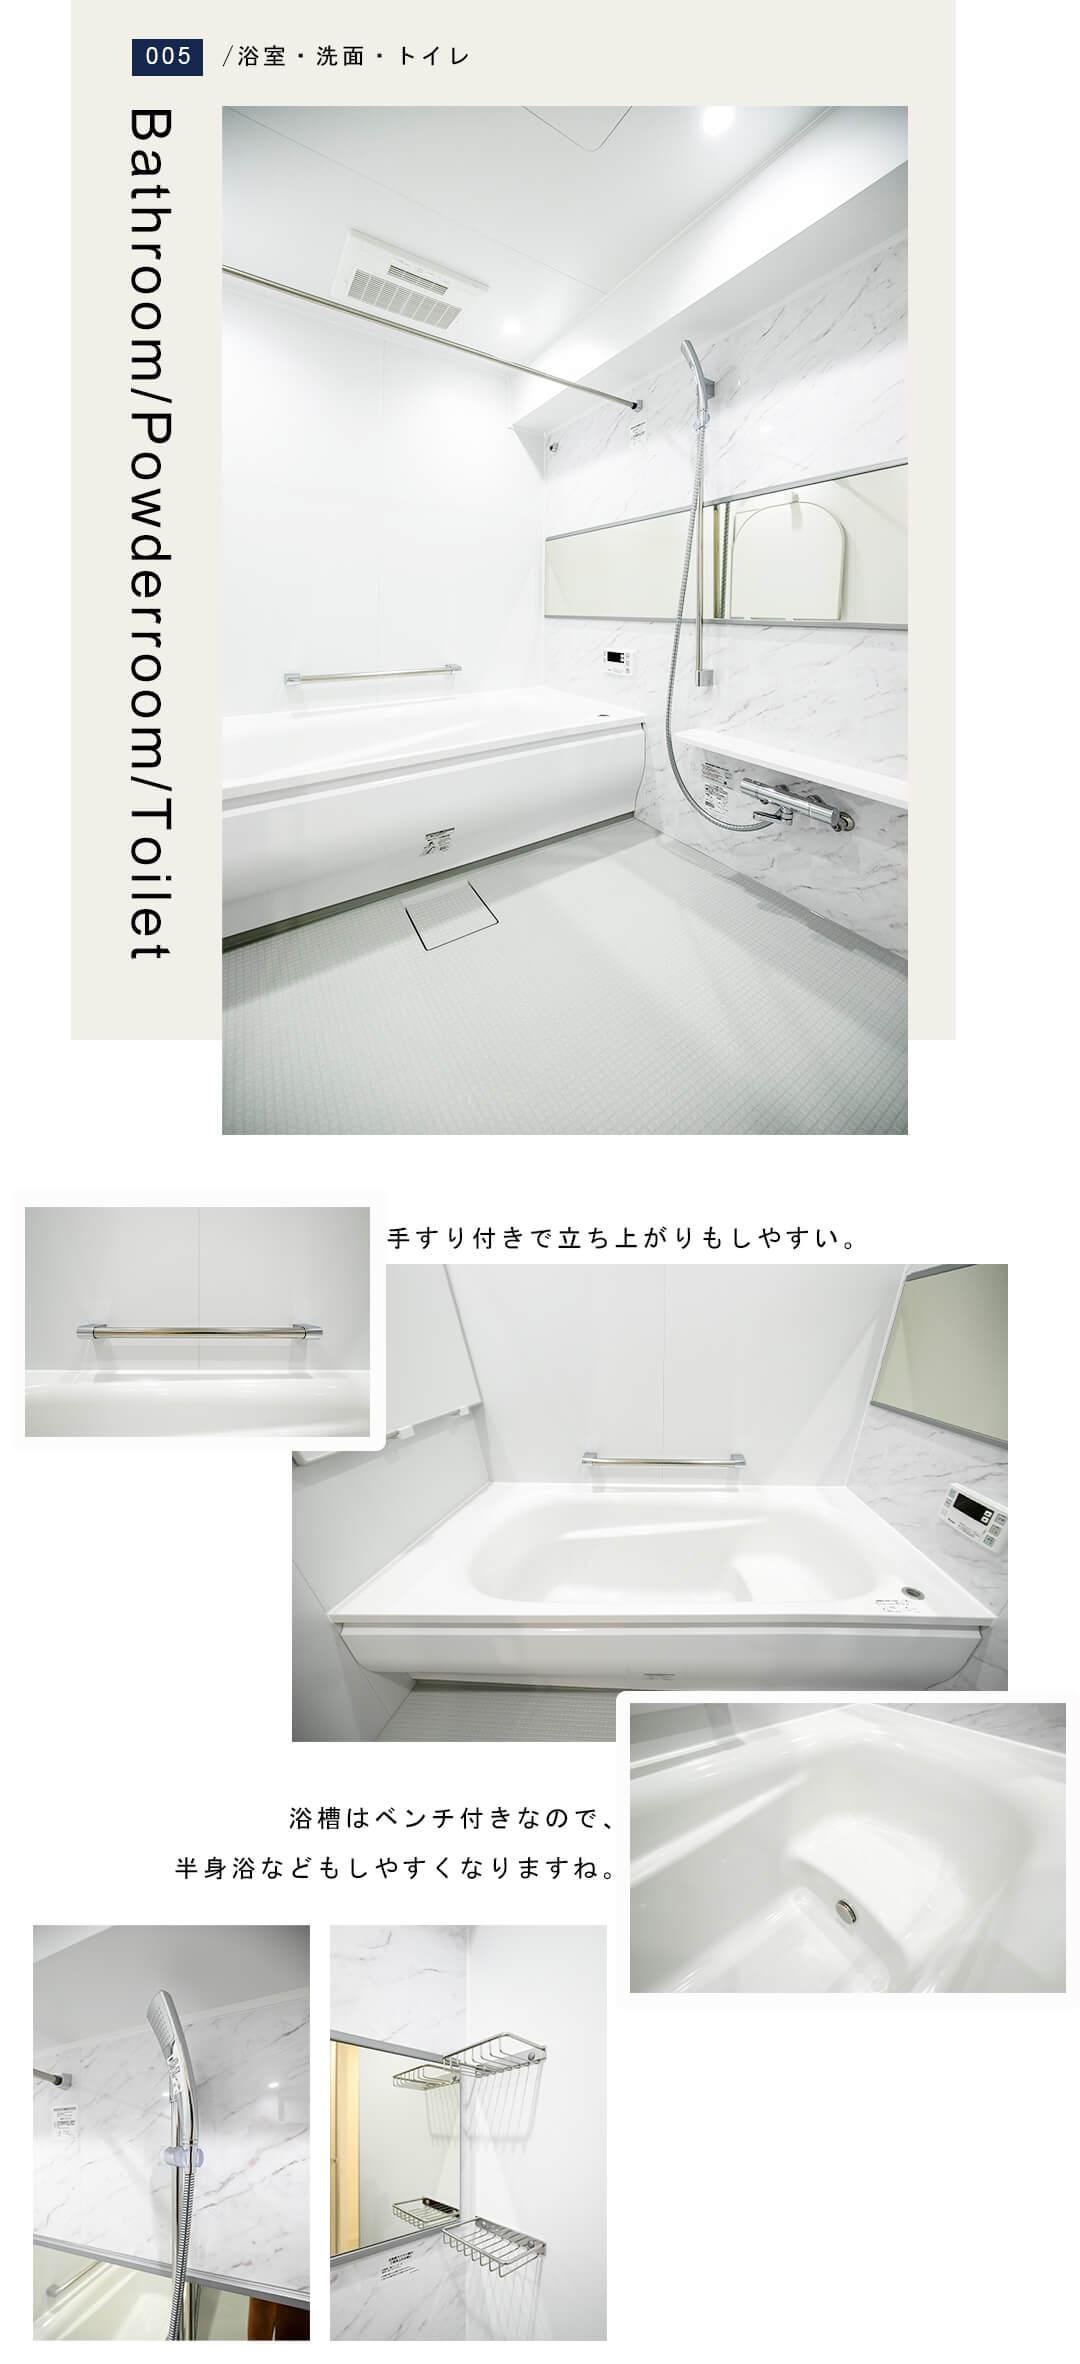 005浴室,洗面室,トイレ,Bathroom,Powderroom,Toilet